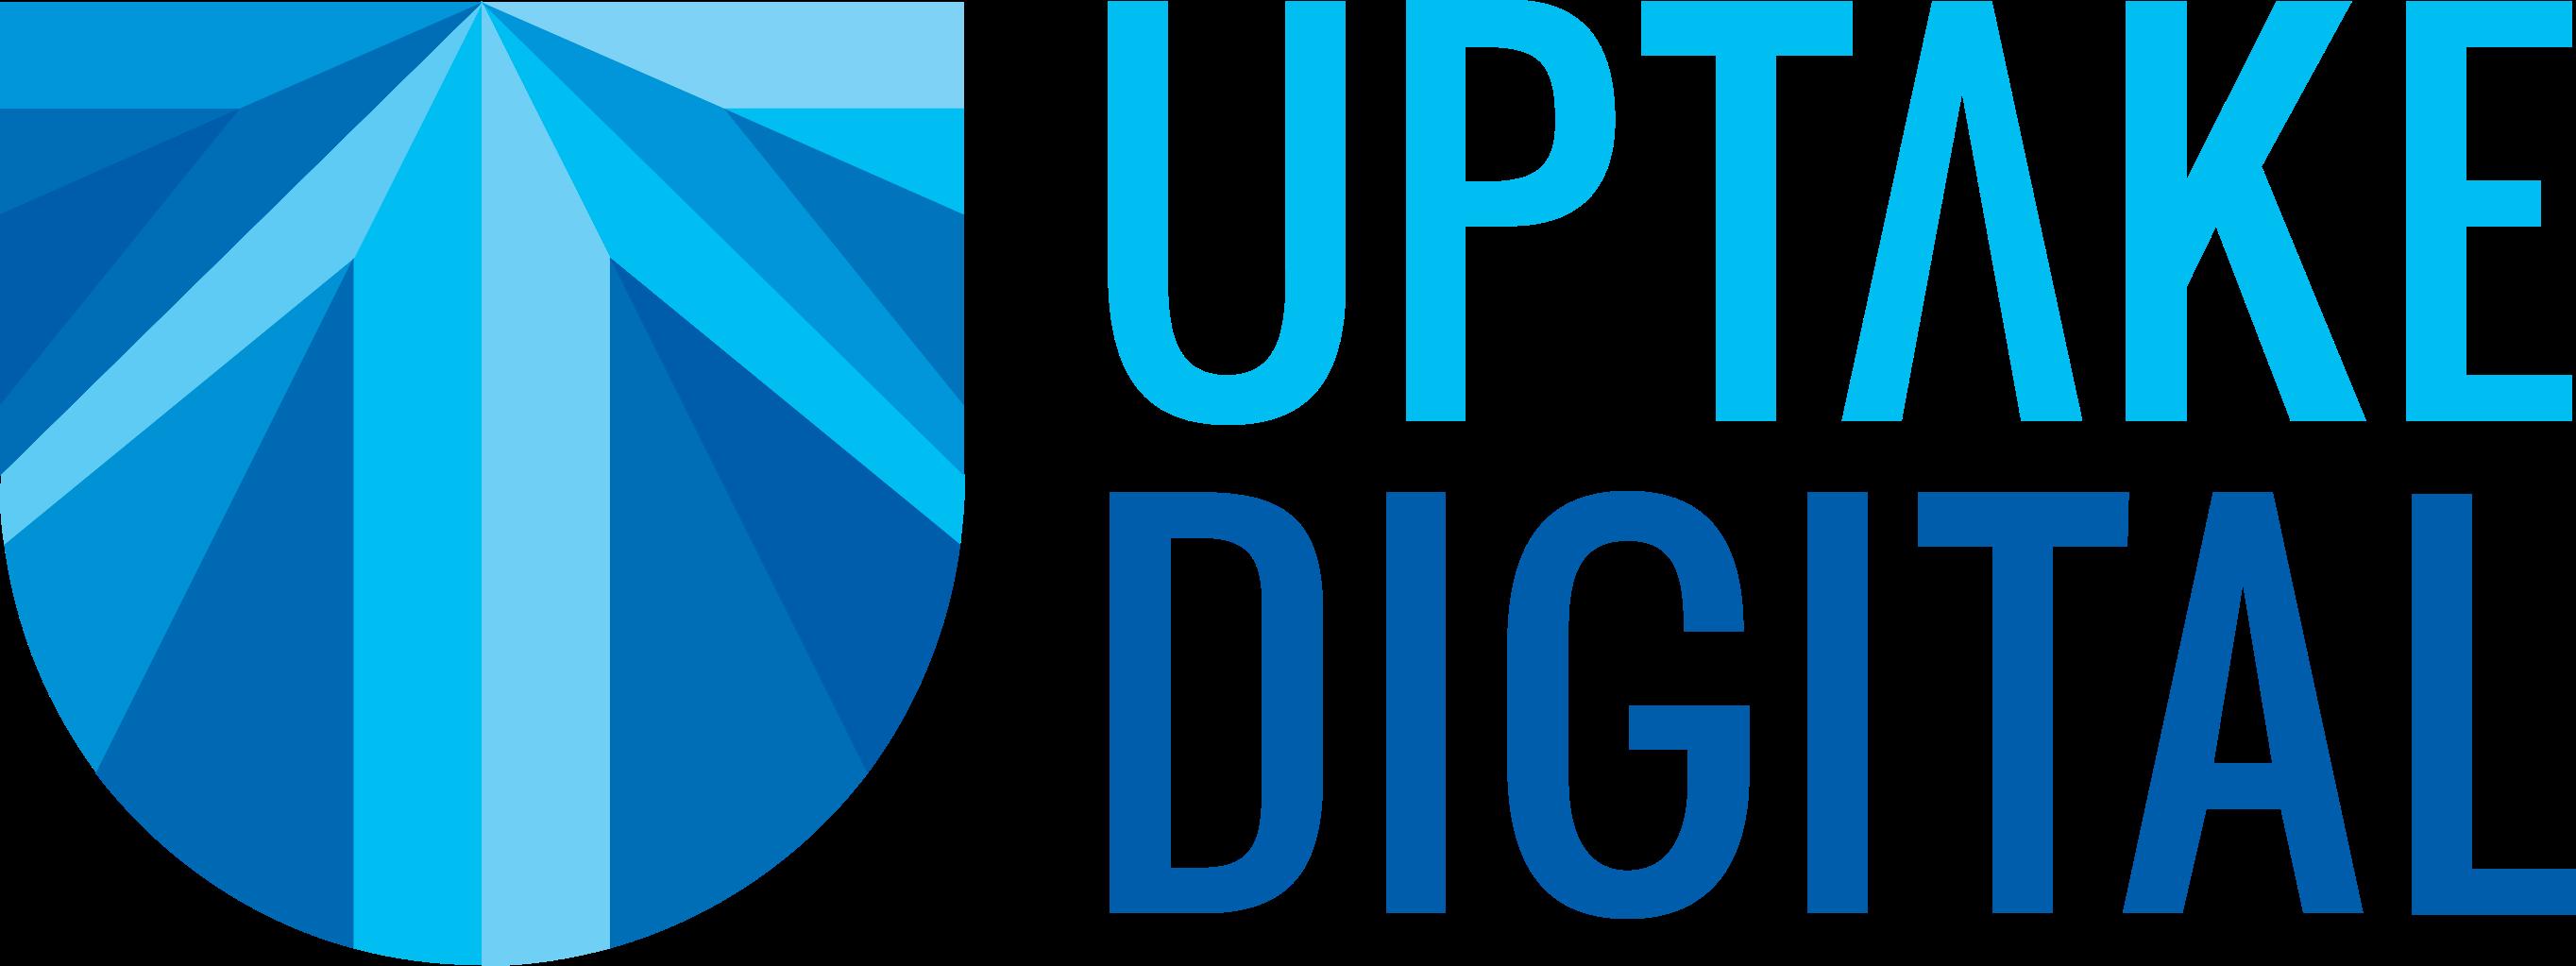 Uptake Digital